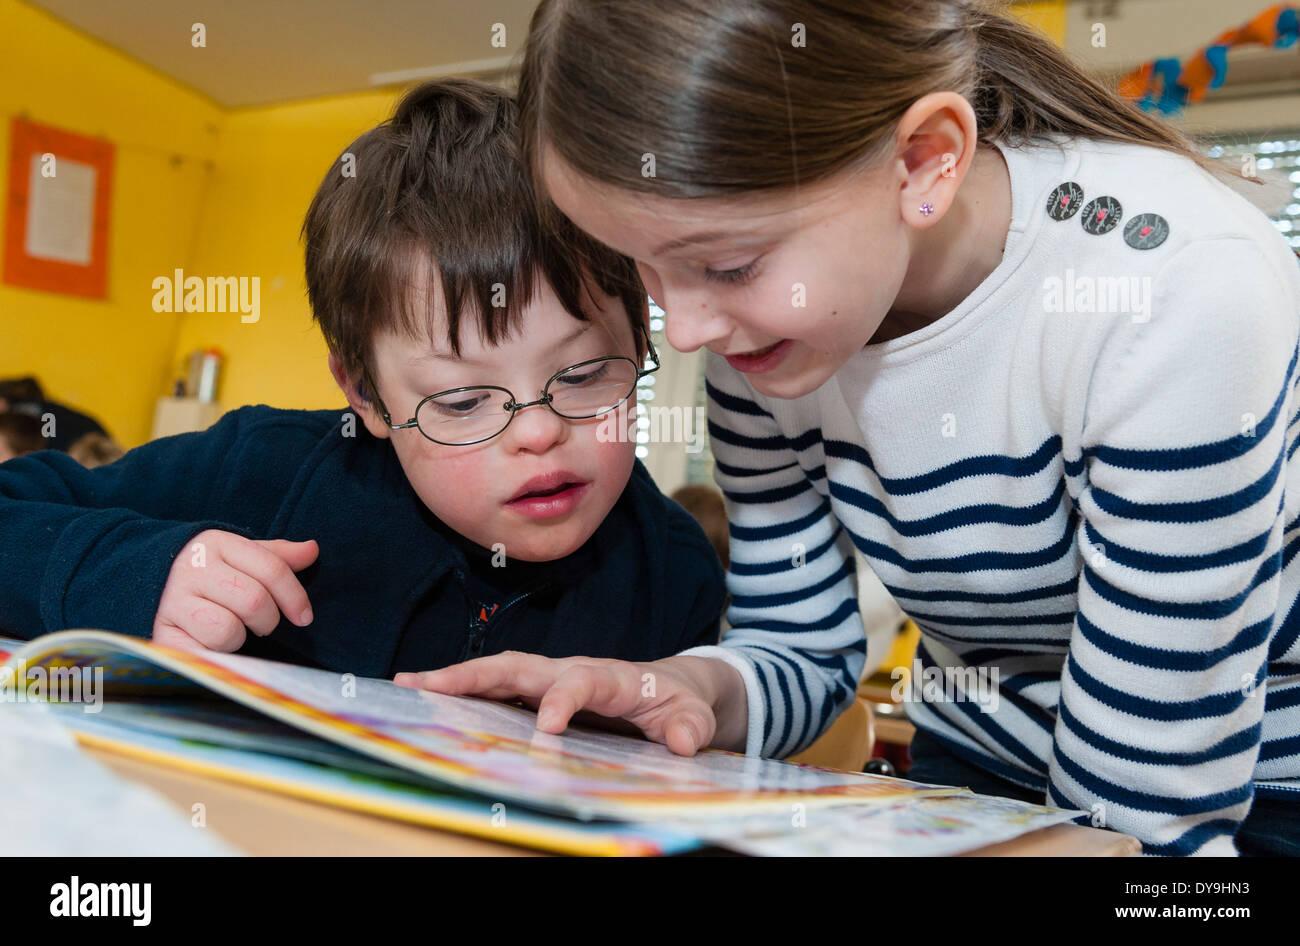 Nicht behinderte und behinderte Schüler (in diesem Fall ein Junge mit Down-Syndrom) lernen gemeinsam in der gleichen Klasse. Stockbild